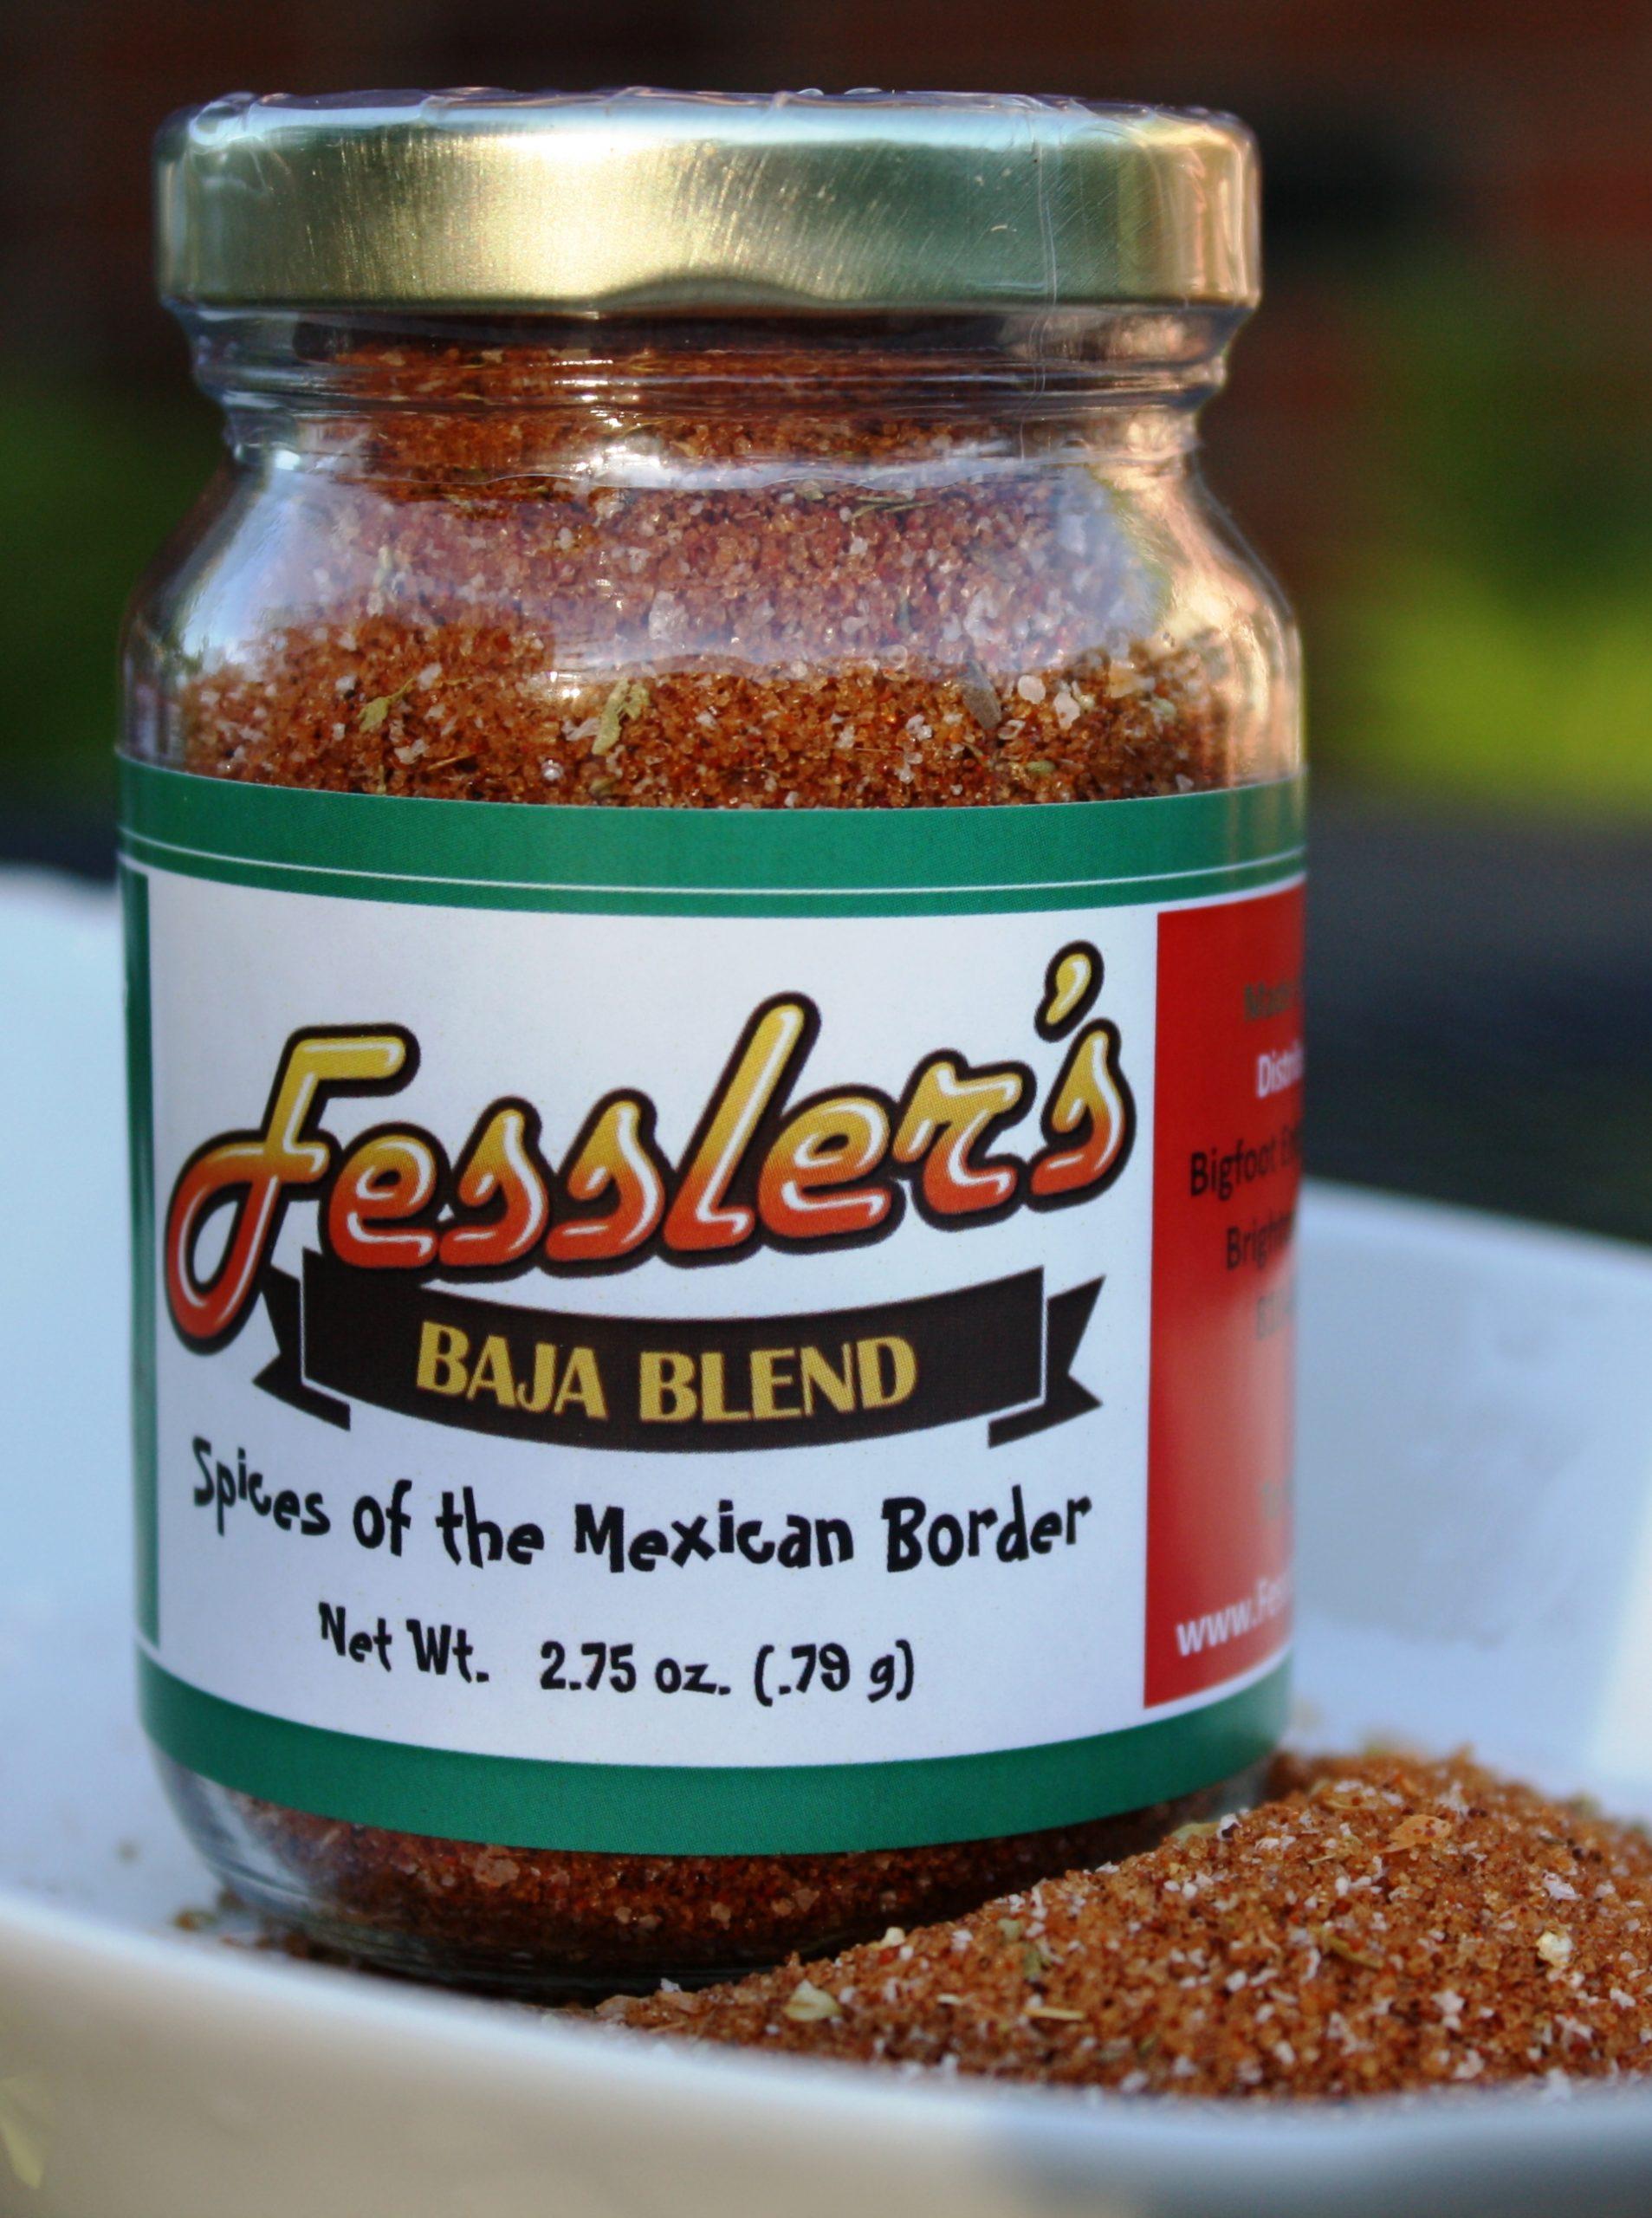 Baja Blend Spice Rub-Fessler's